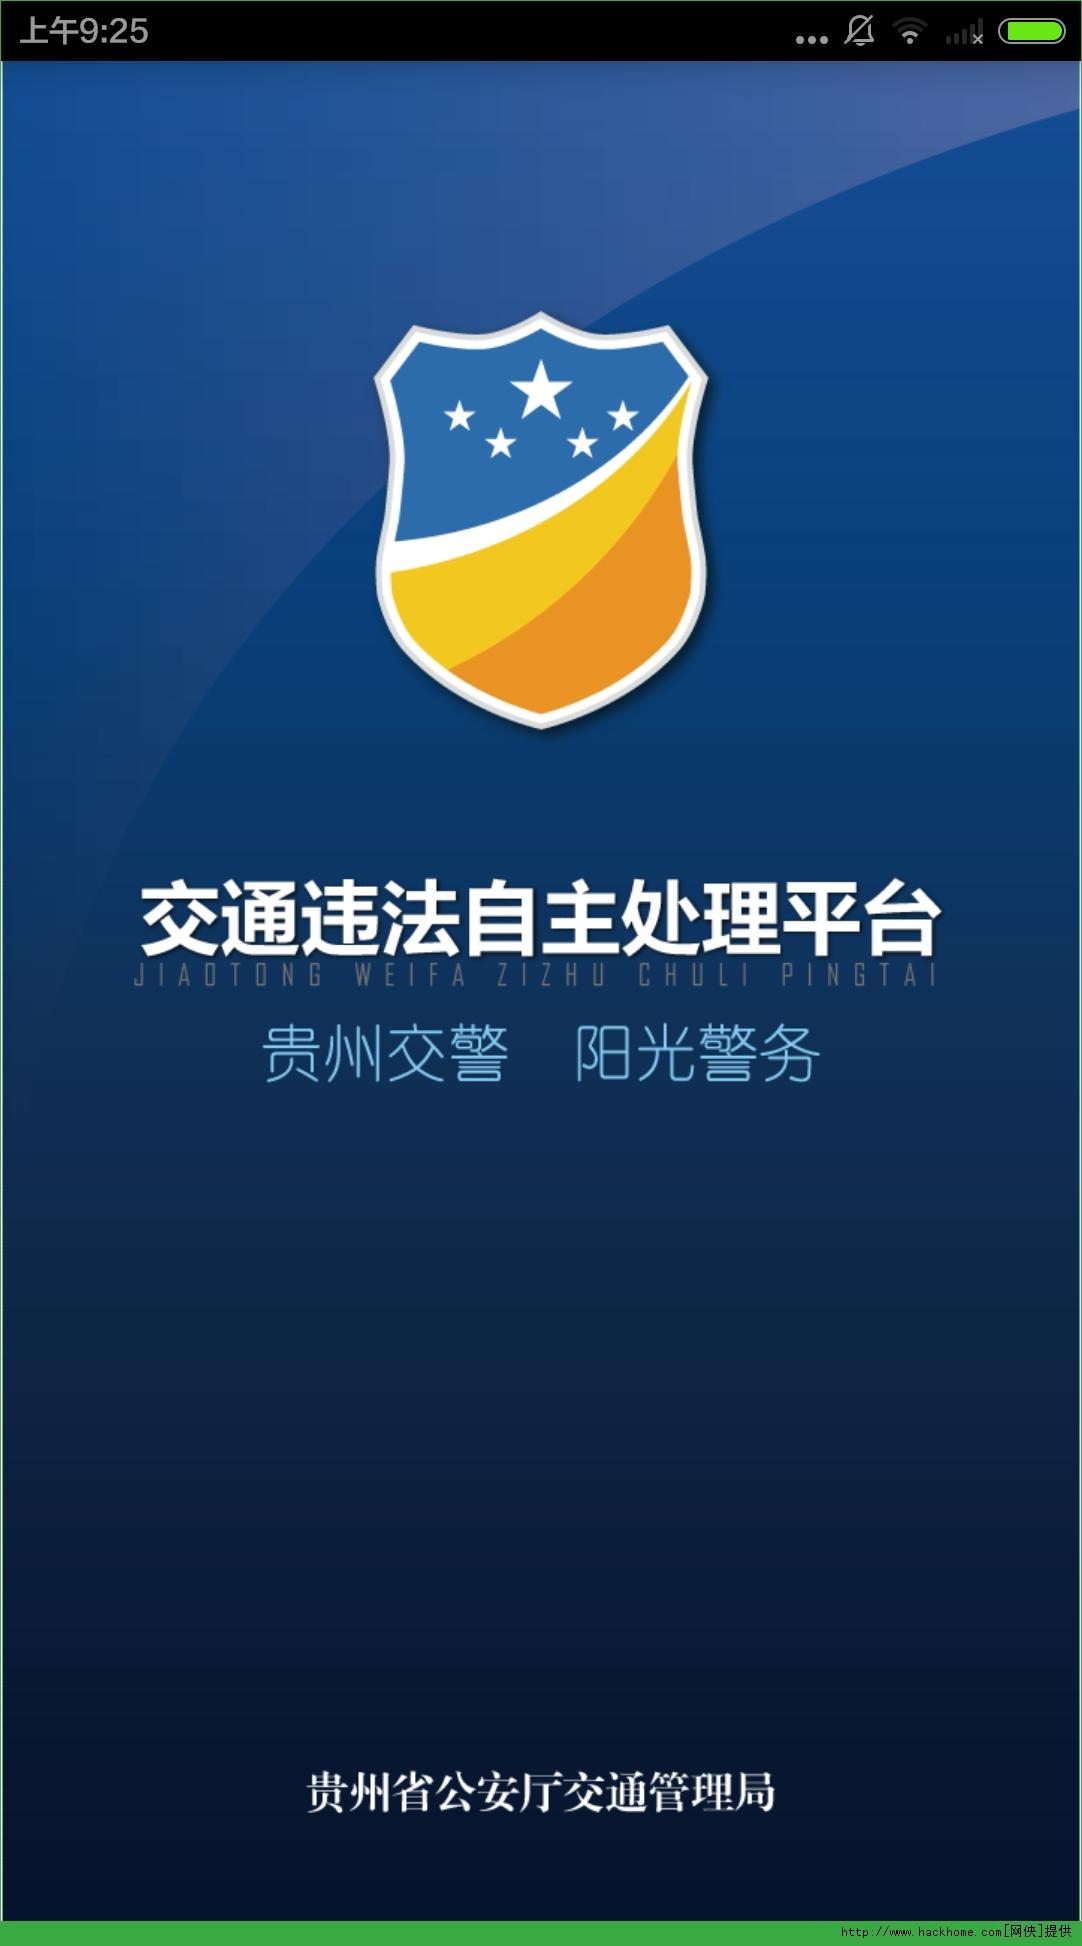 贵阳交警APP下载(贵州交警)图1: